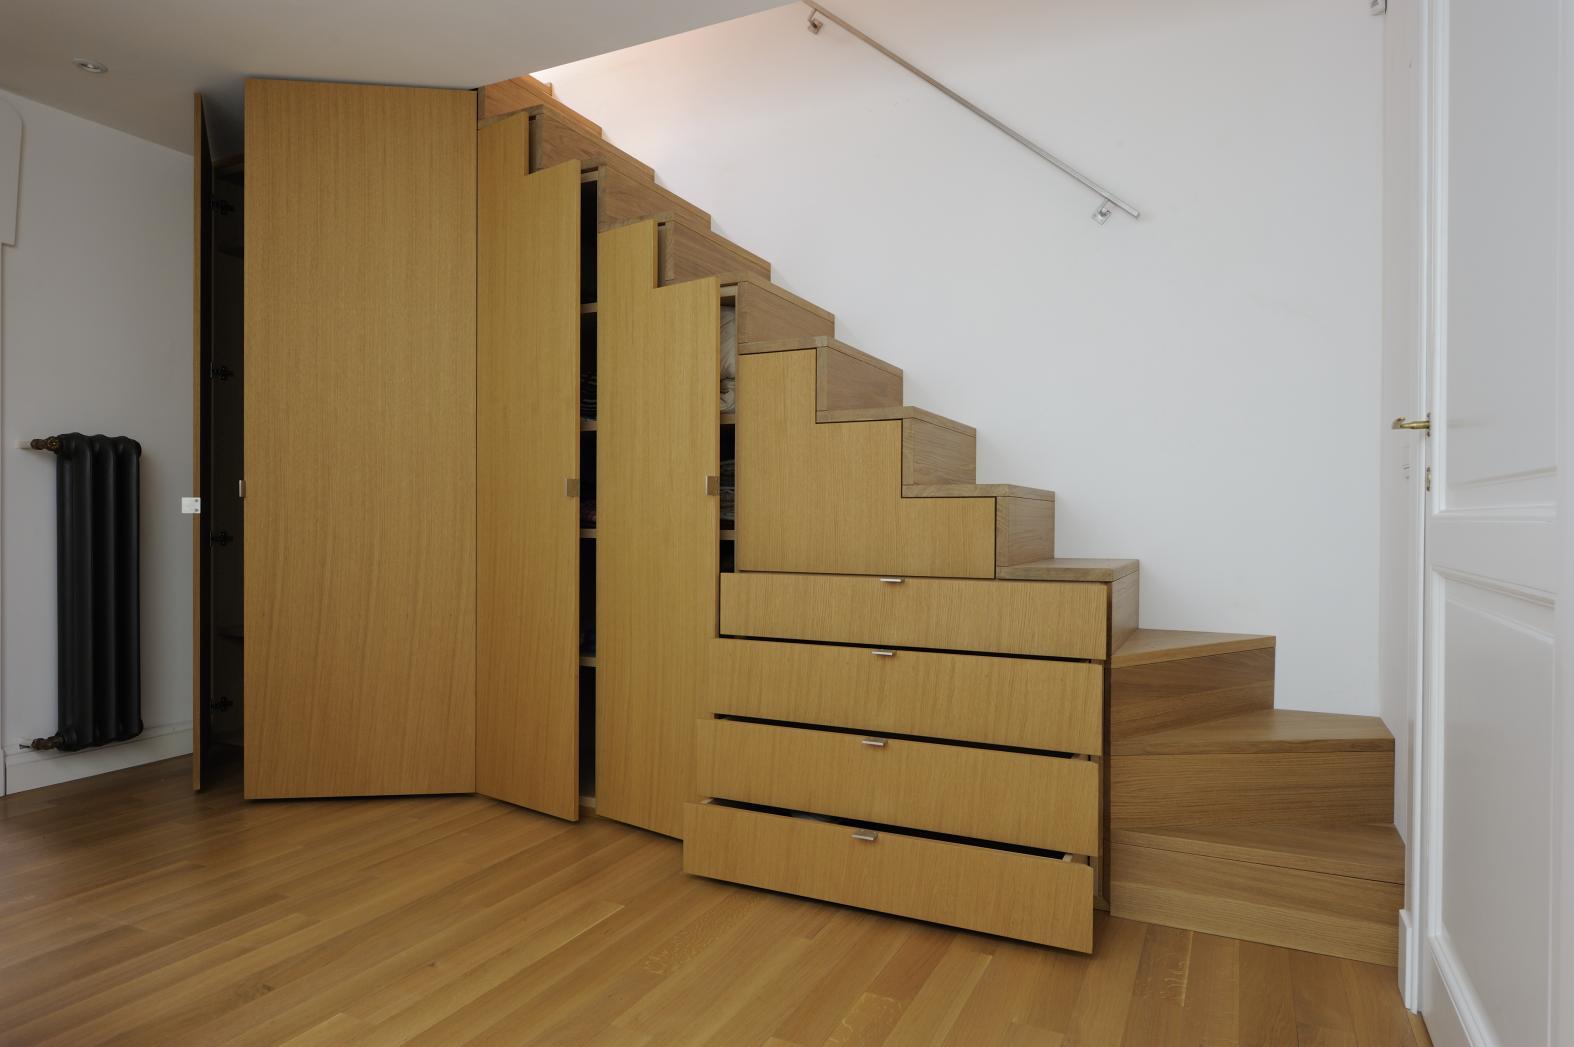 rovere design legno trento - bonvecchio.it